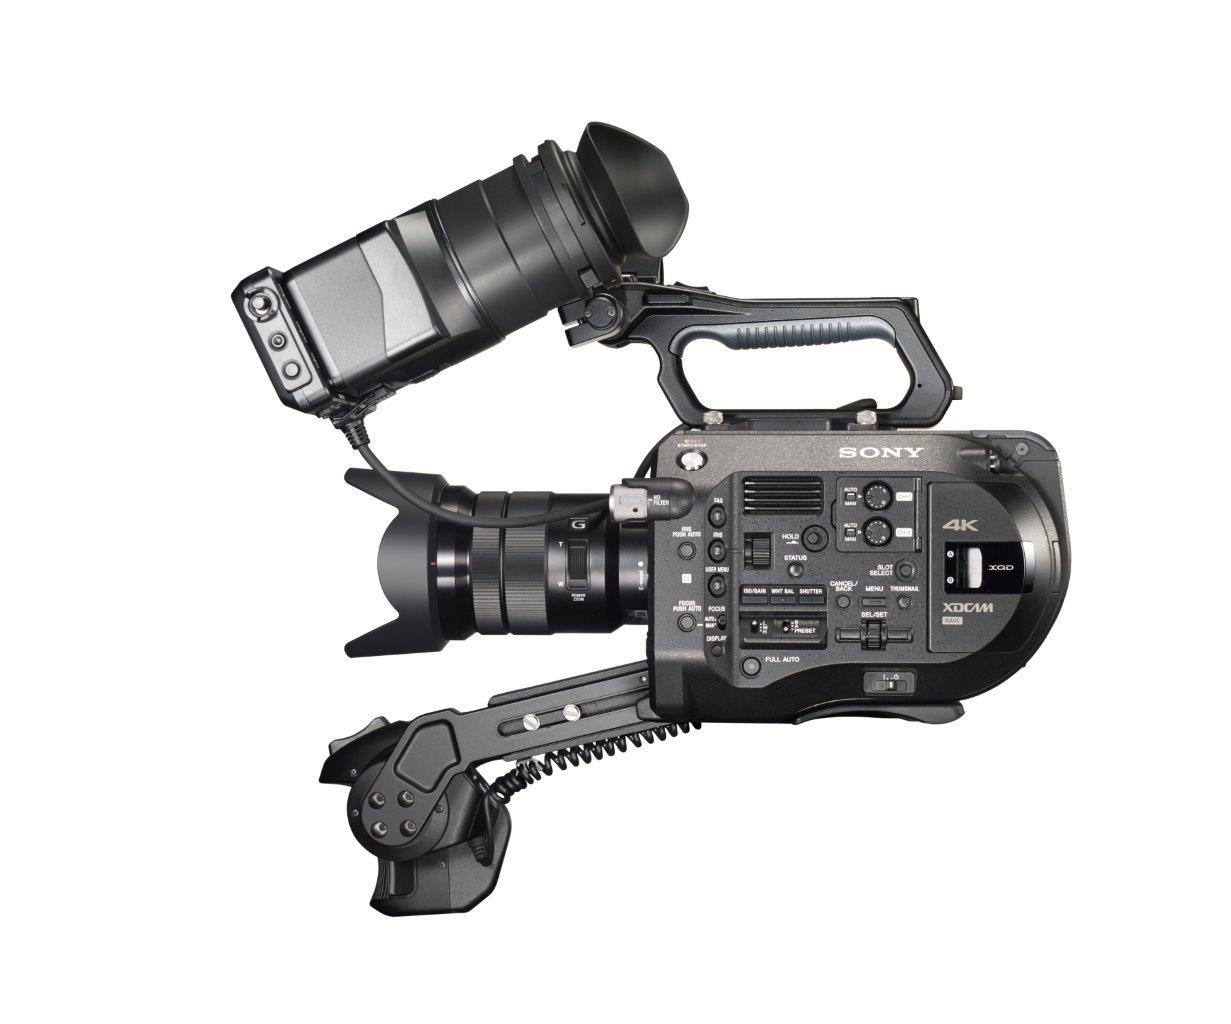 FS7 Camera Lens1